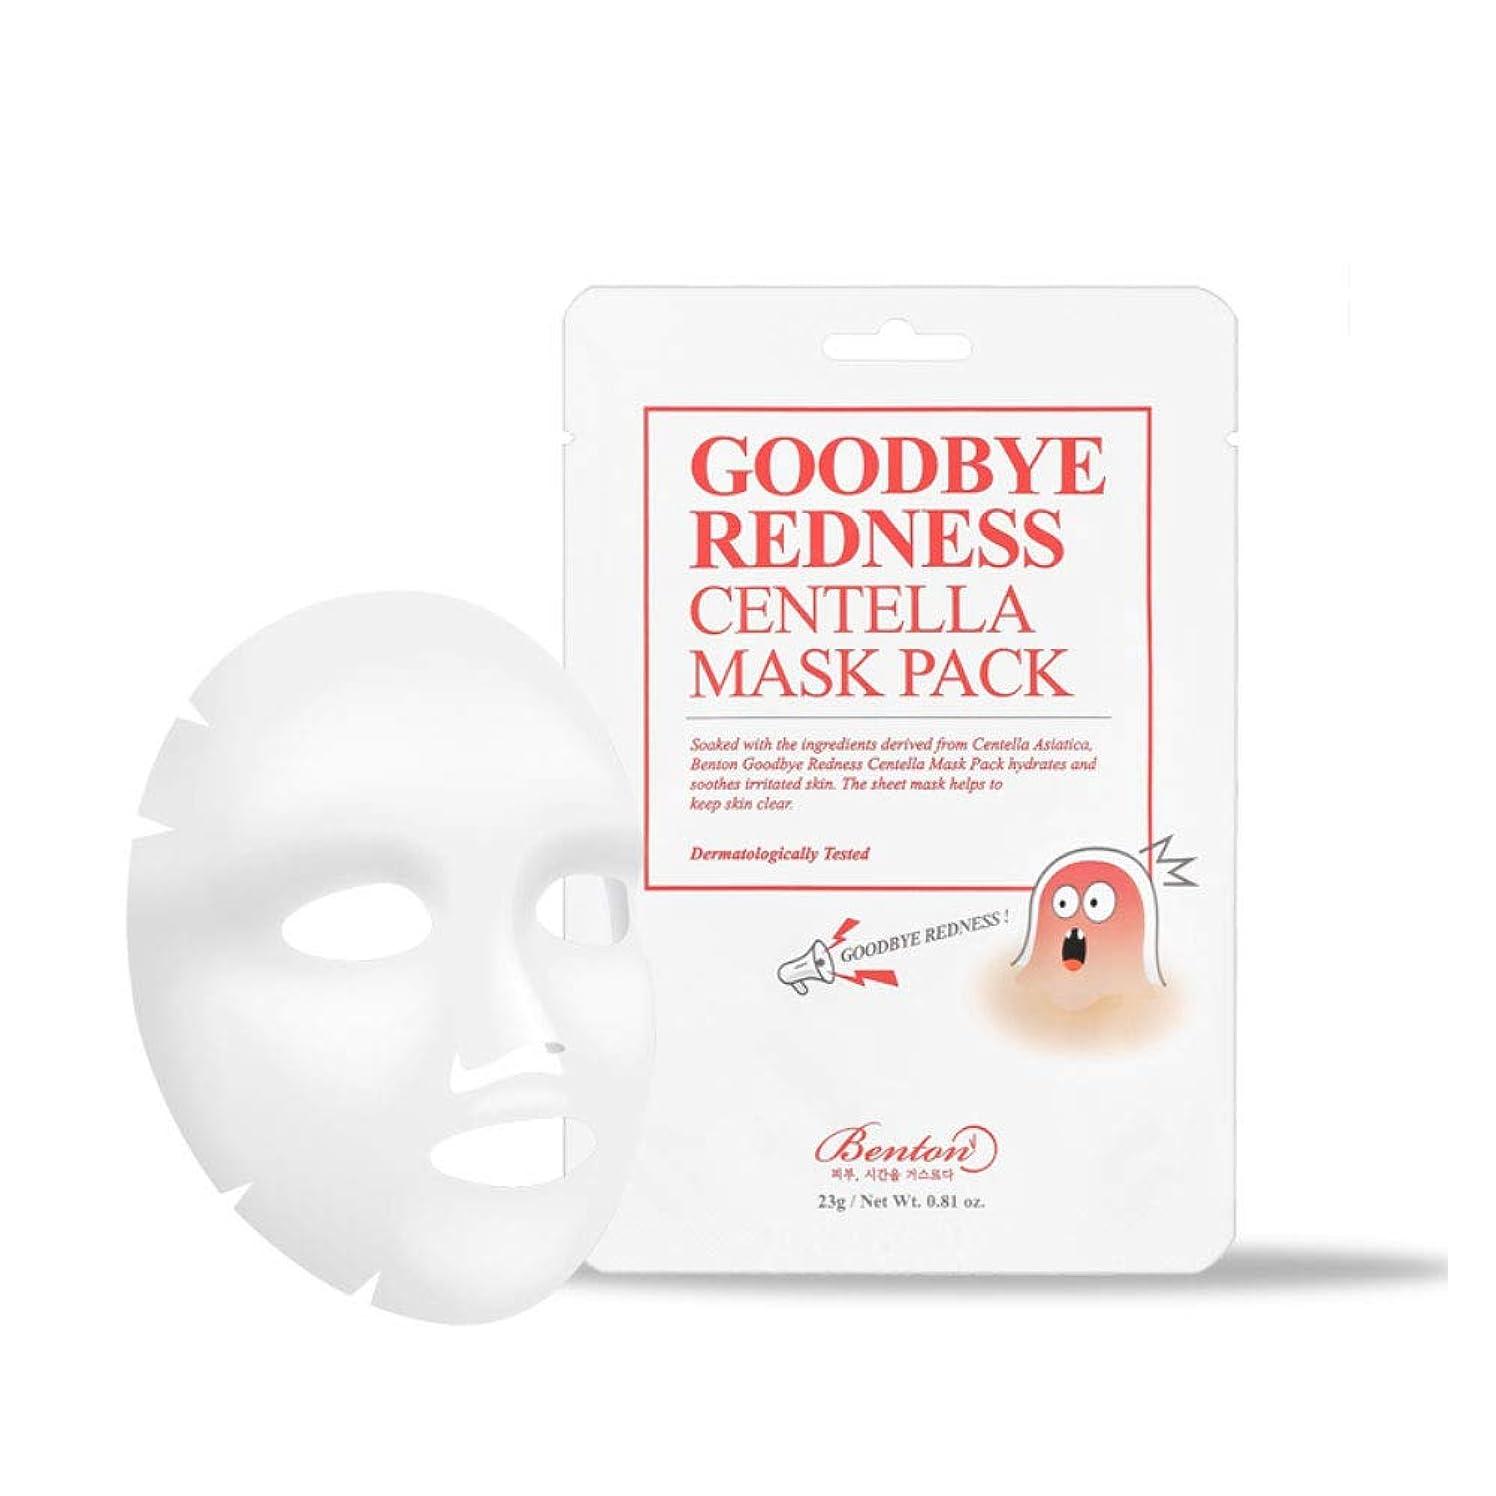 避ける妨げる友だちBENTON ベントン Goodbye Redness Centella Mask Pack Sheet 10 EA グッバイレッドネスセンテラマスクパック 10個 [並行輸入品]